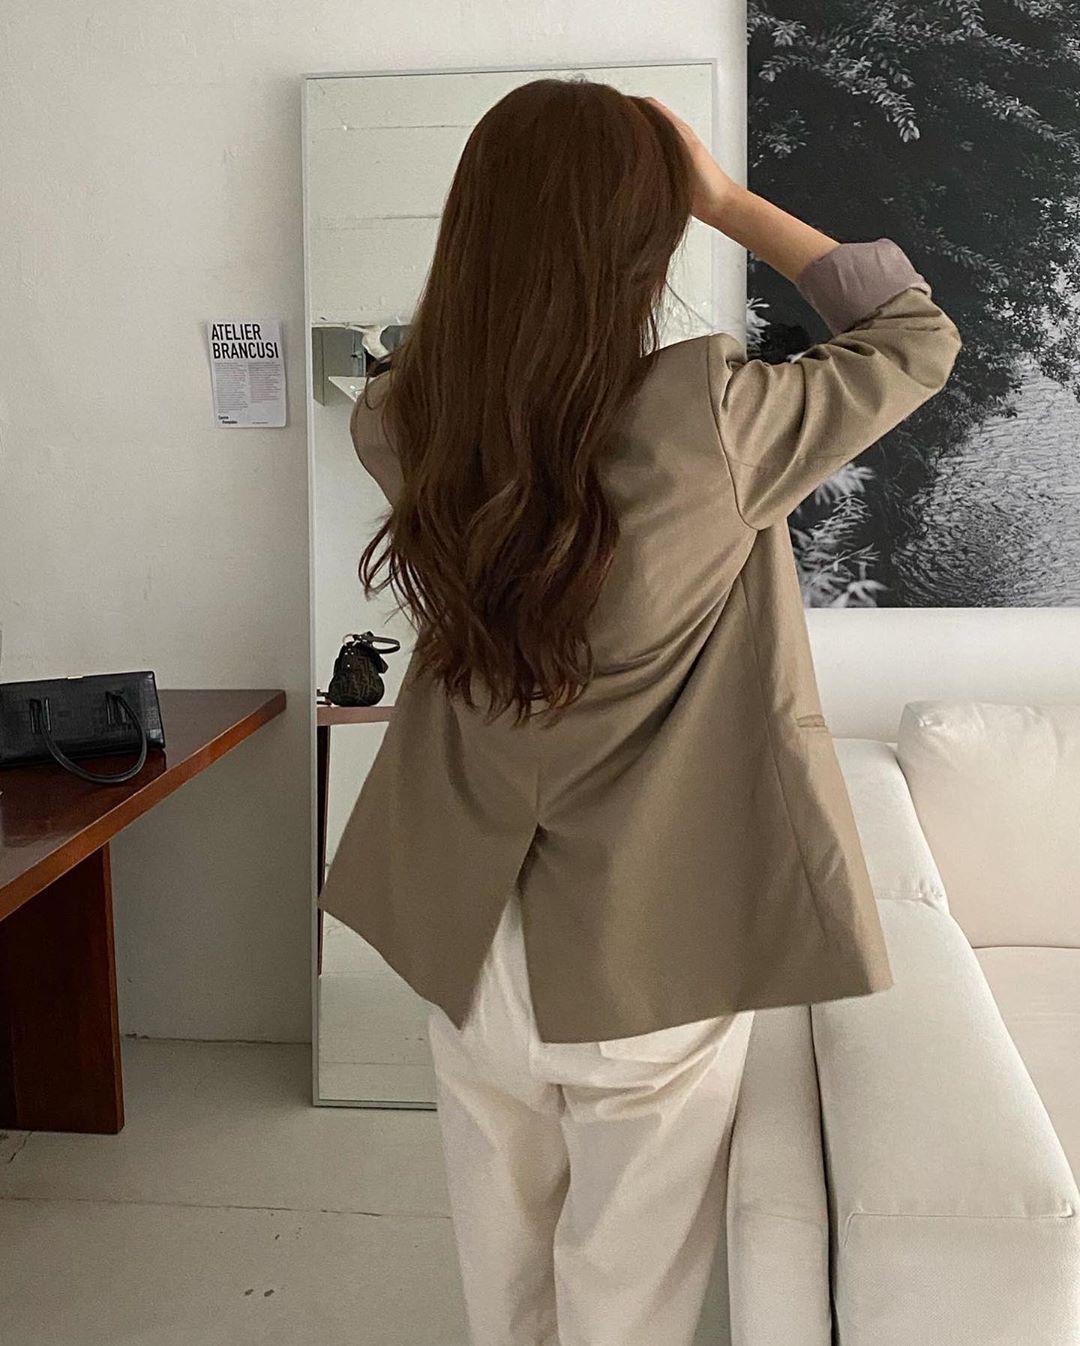 6 sai lầm khiến tóc rụng lả tả và ngày một xác xơ mà 90% các nàng đều từng mắc phải - Ảnh 2.